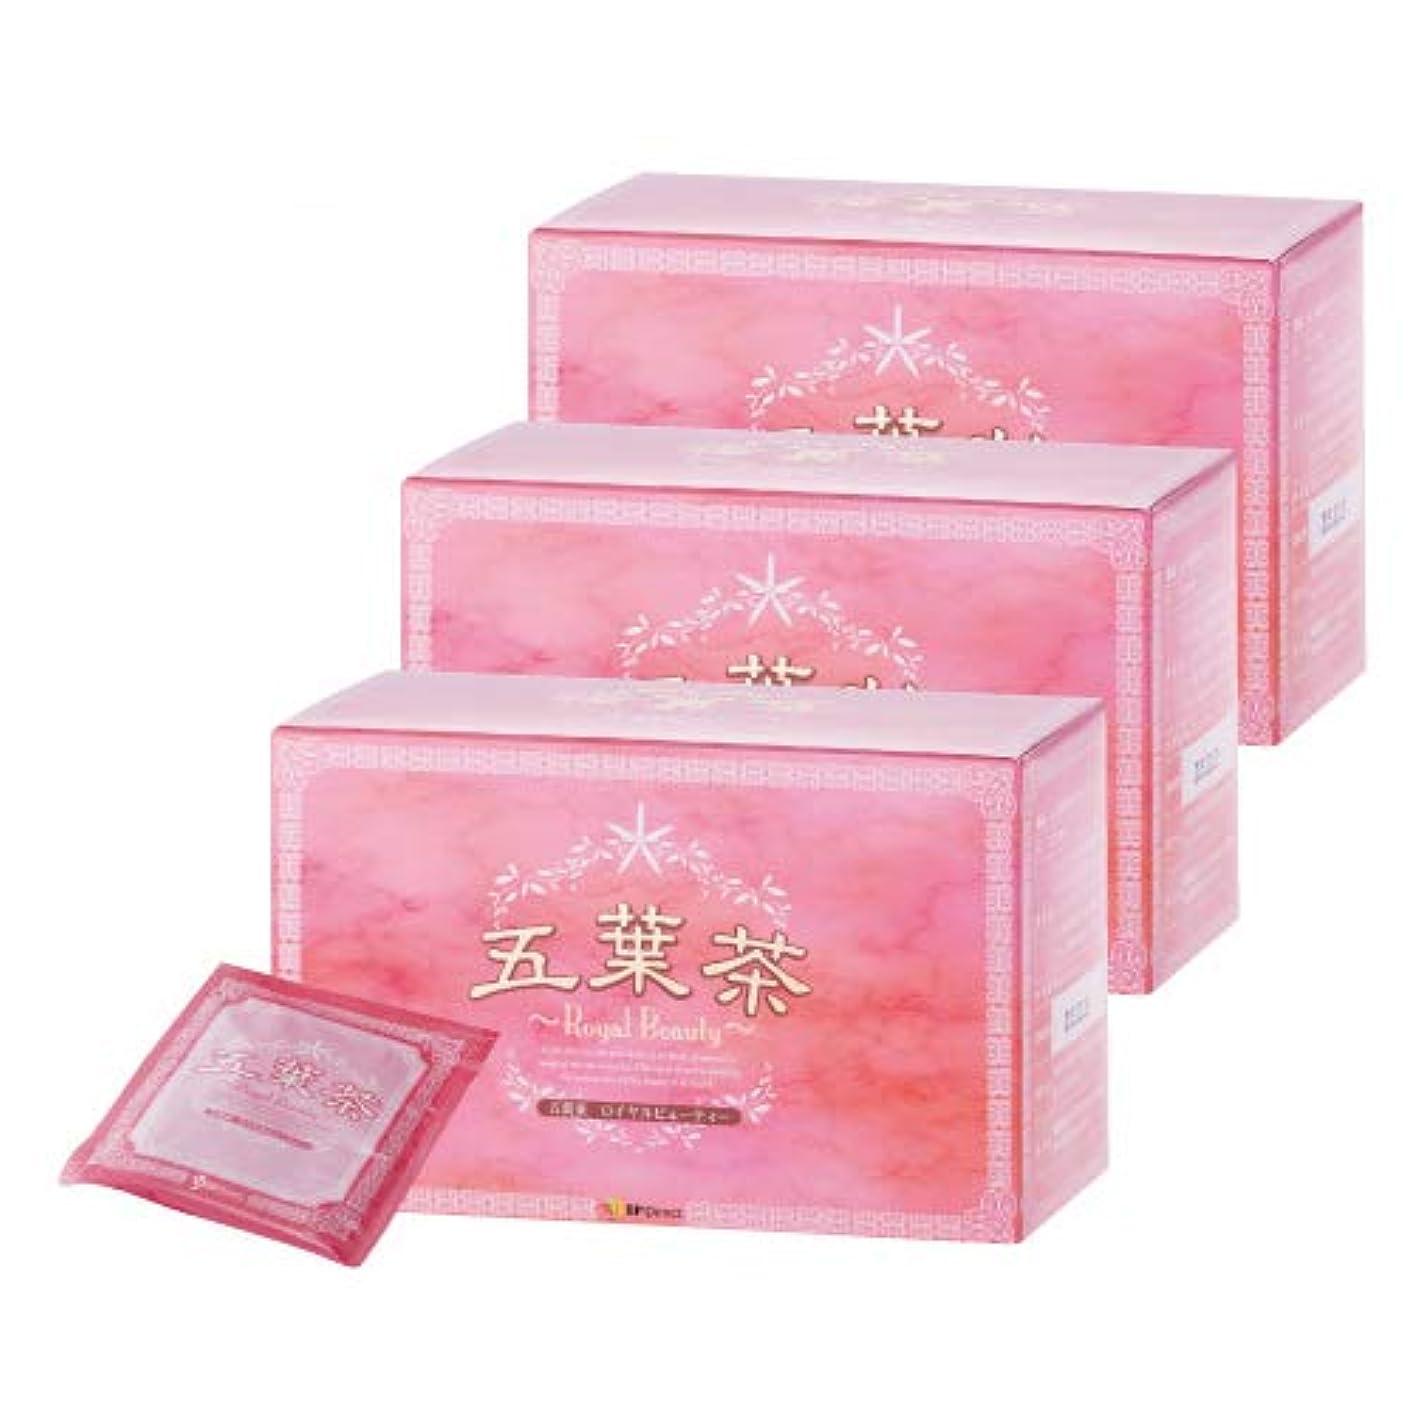 ボックス眩惑する愛する五葉茶ロイヤルビューティー 30包 3箱セット ダイエット ダイエット茶 ダイエットティー 難消化性デキストリン